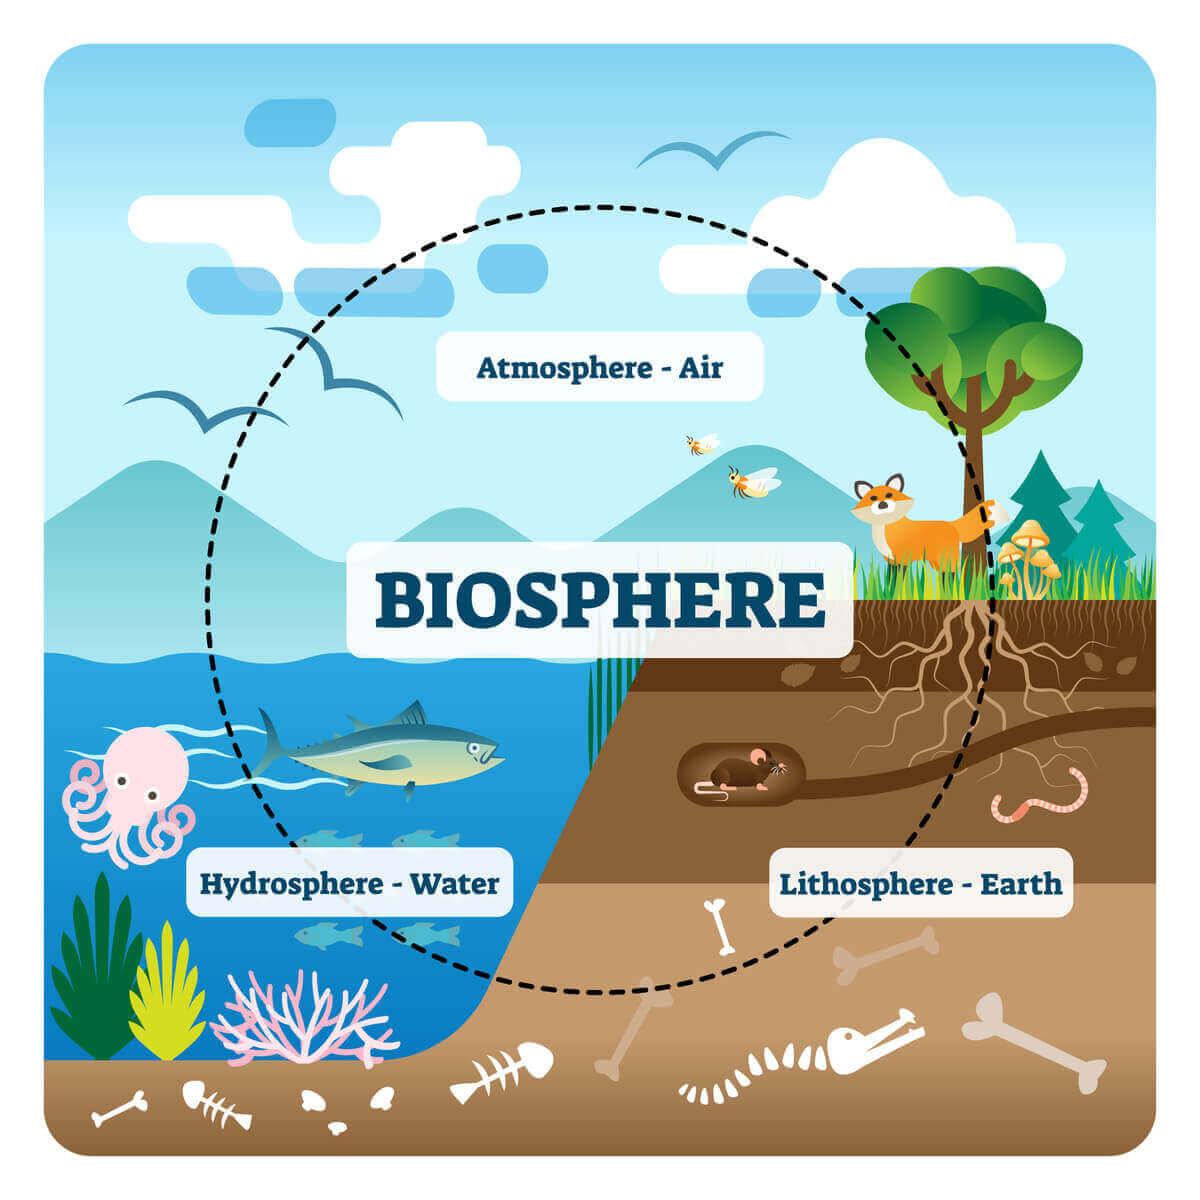 Et økosystems produktivitetsmodell